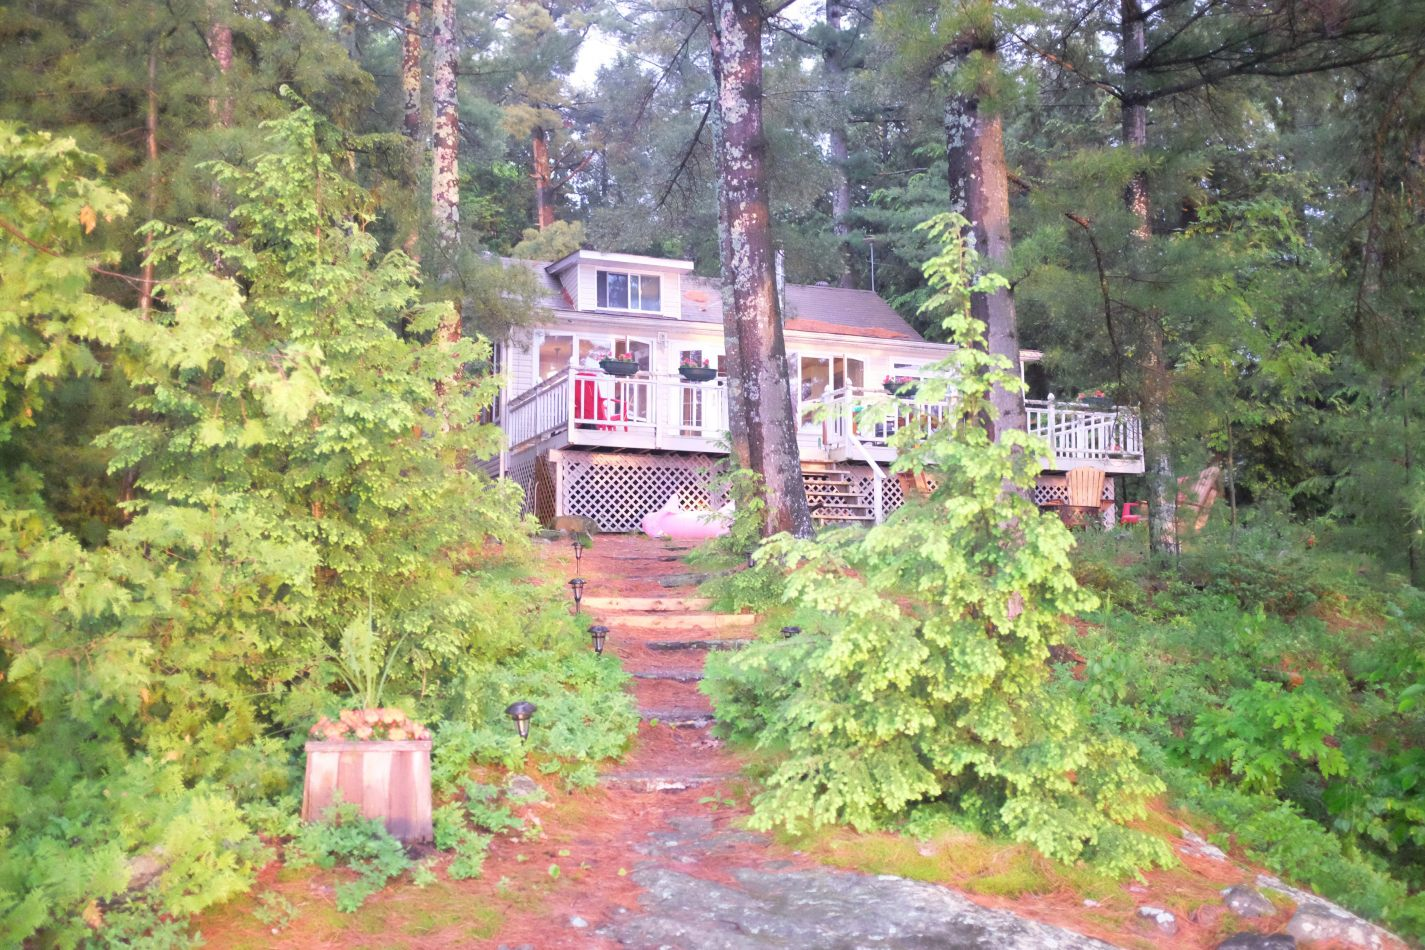 Hibiscus & Nomada : - - Cottage on Lake Muskoka